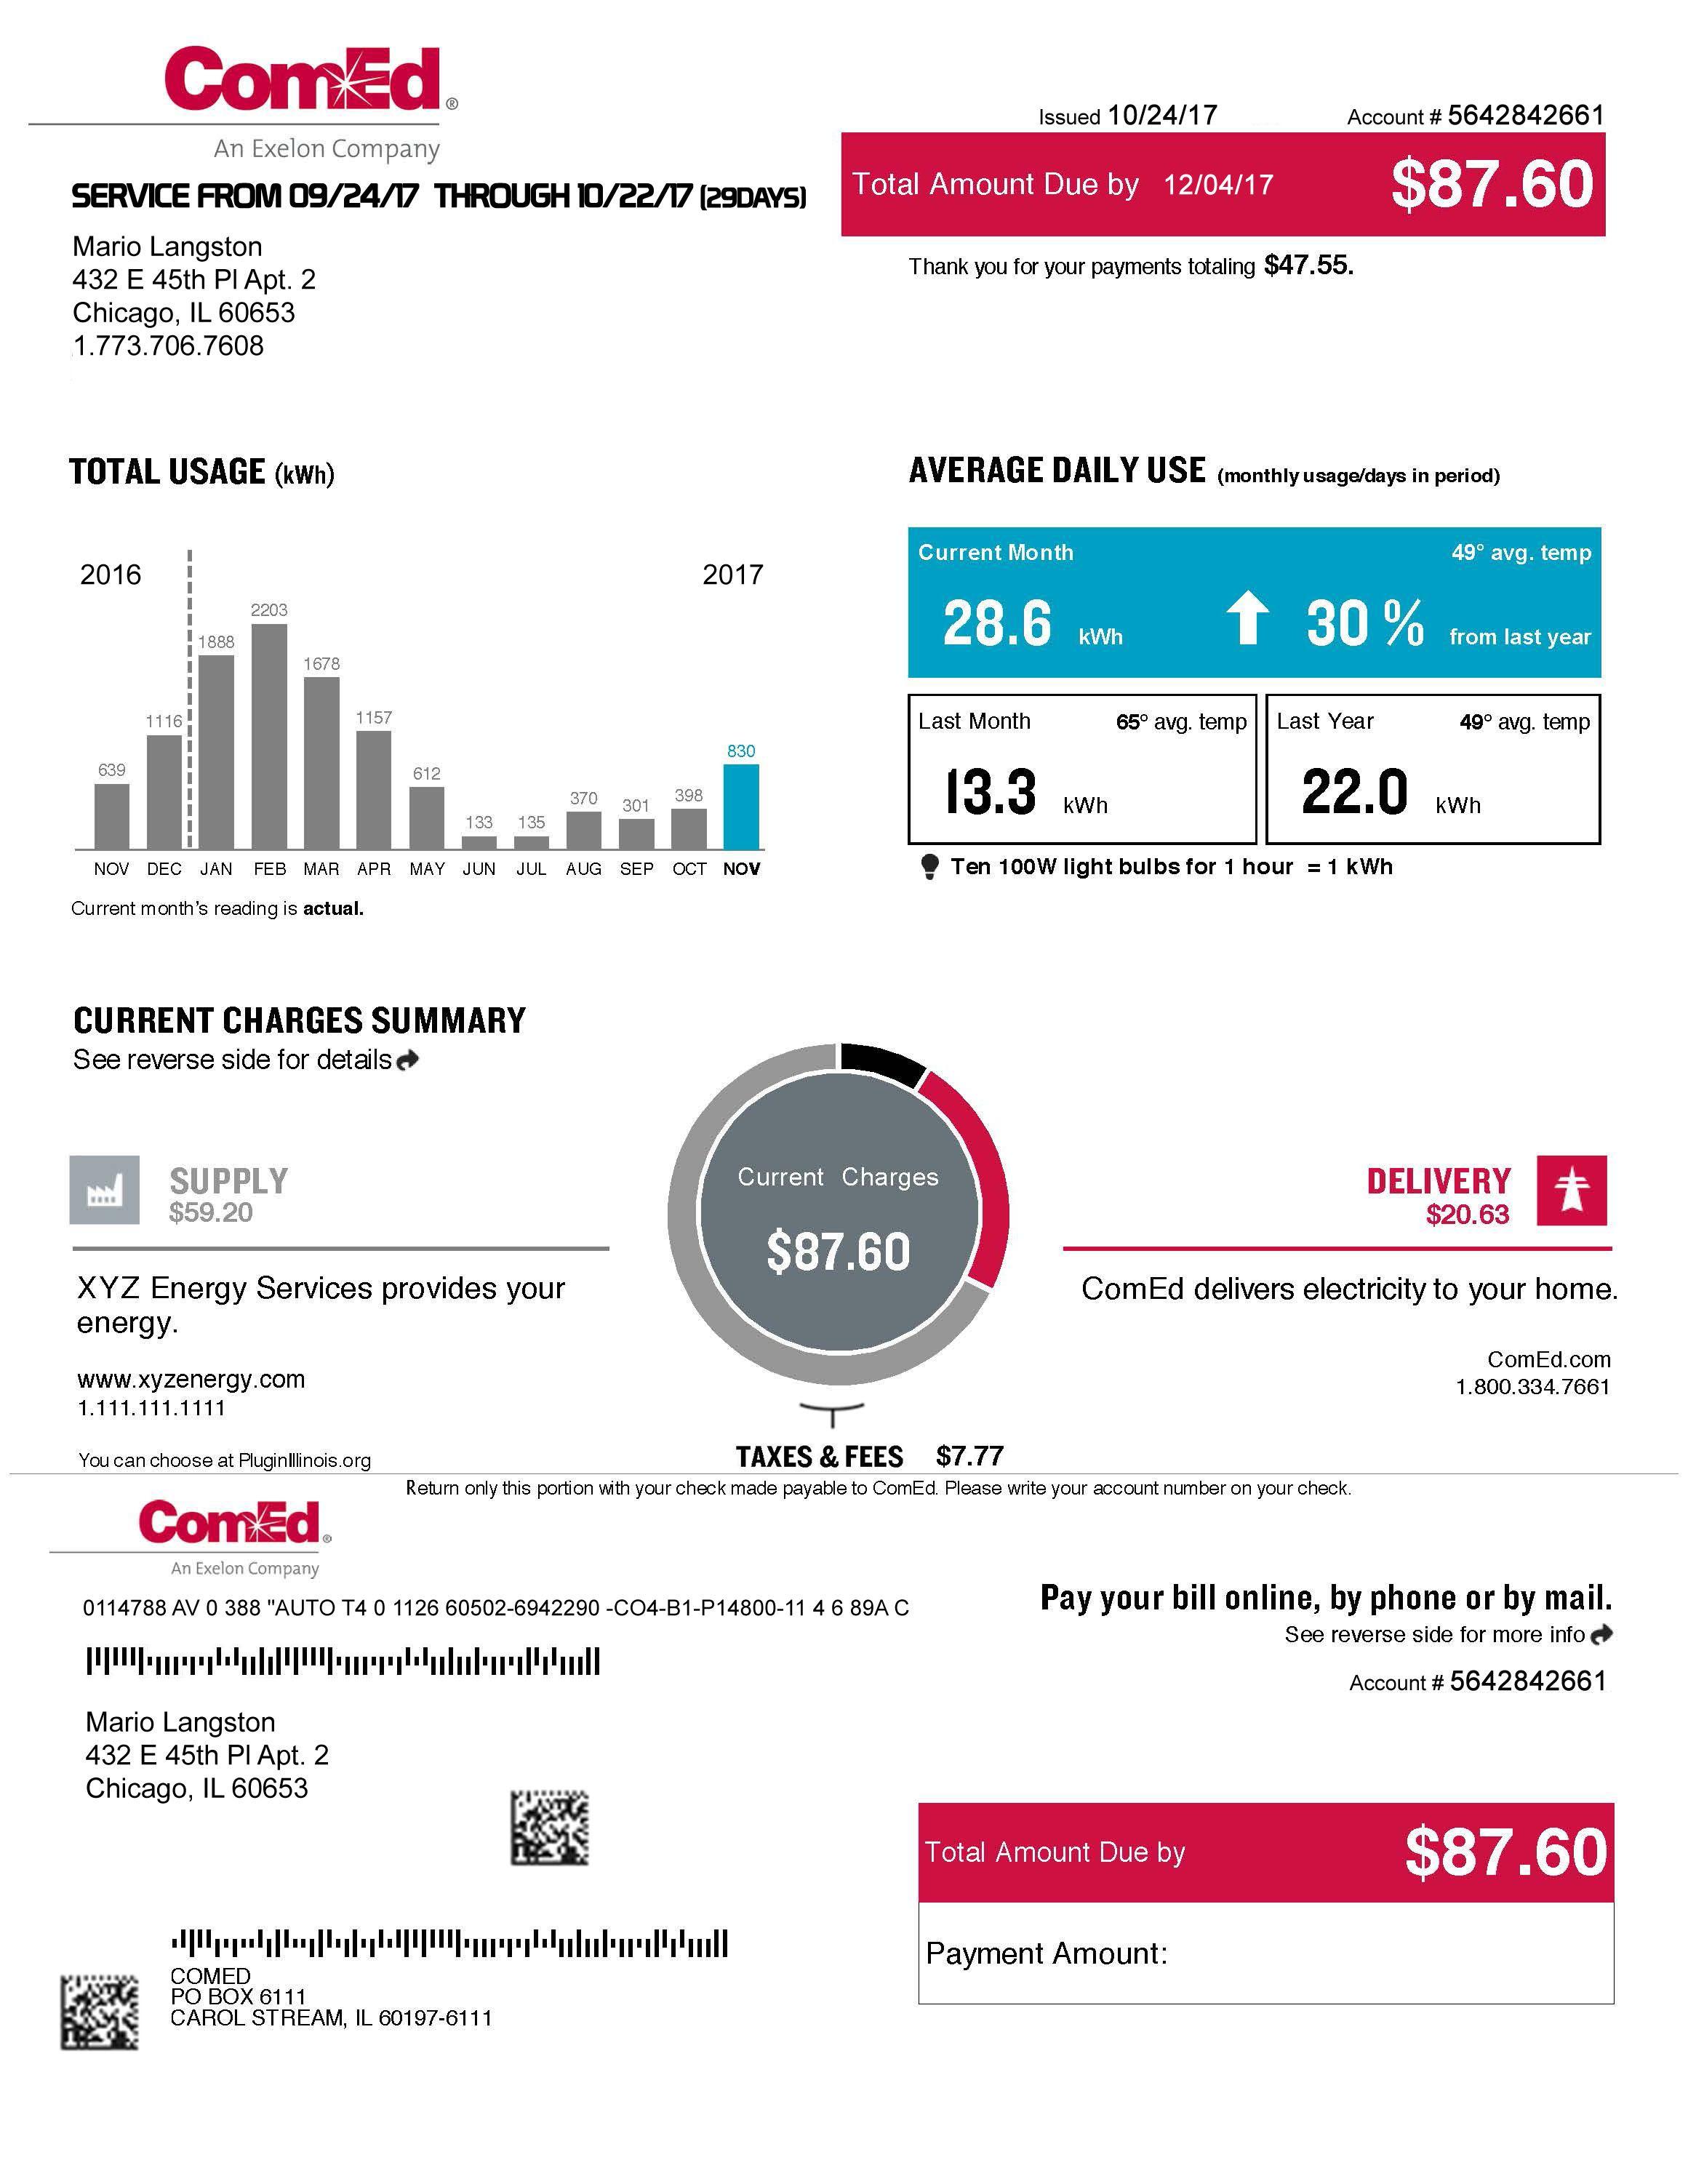 Comed bill pay images e993. Com.